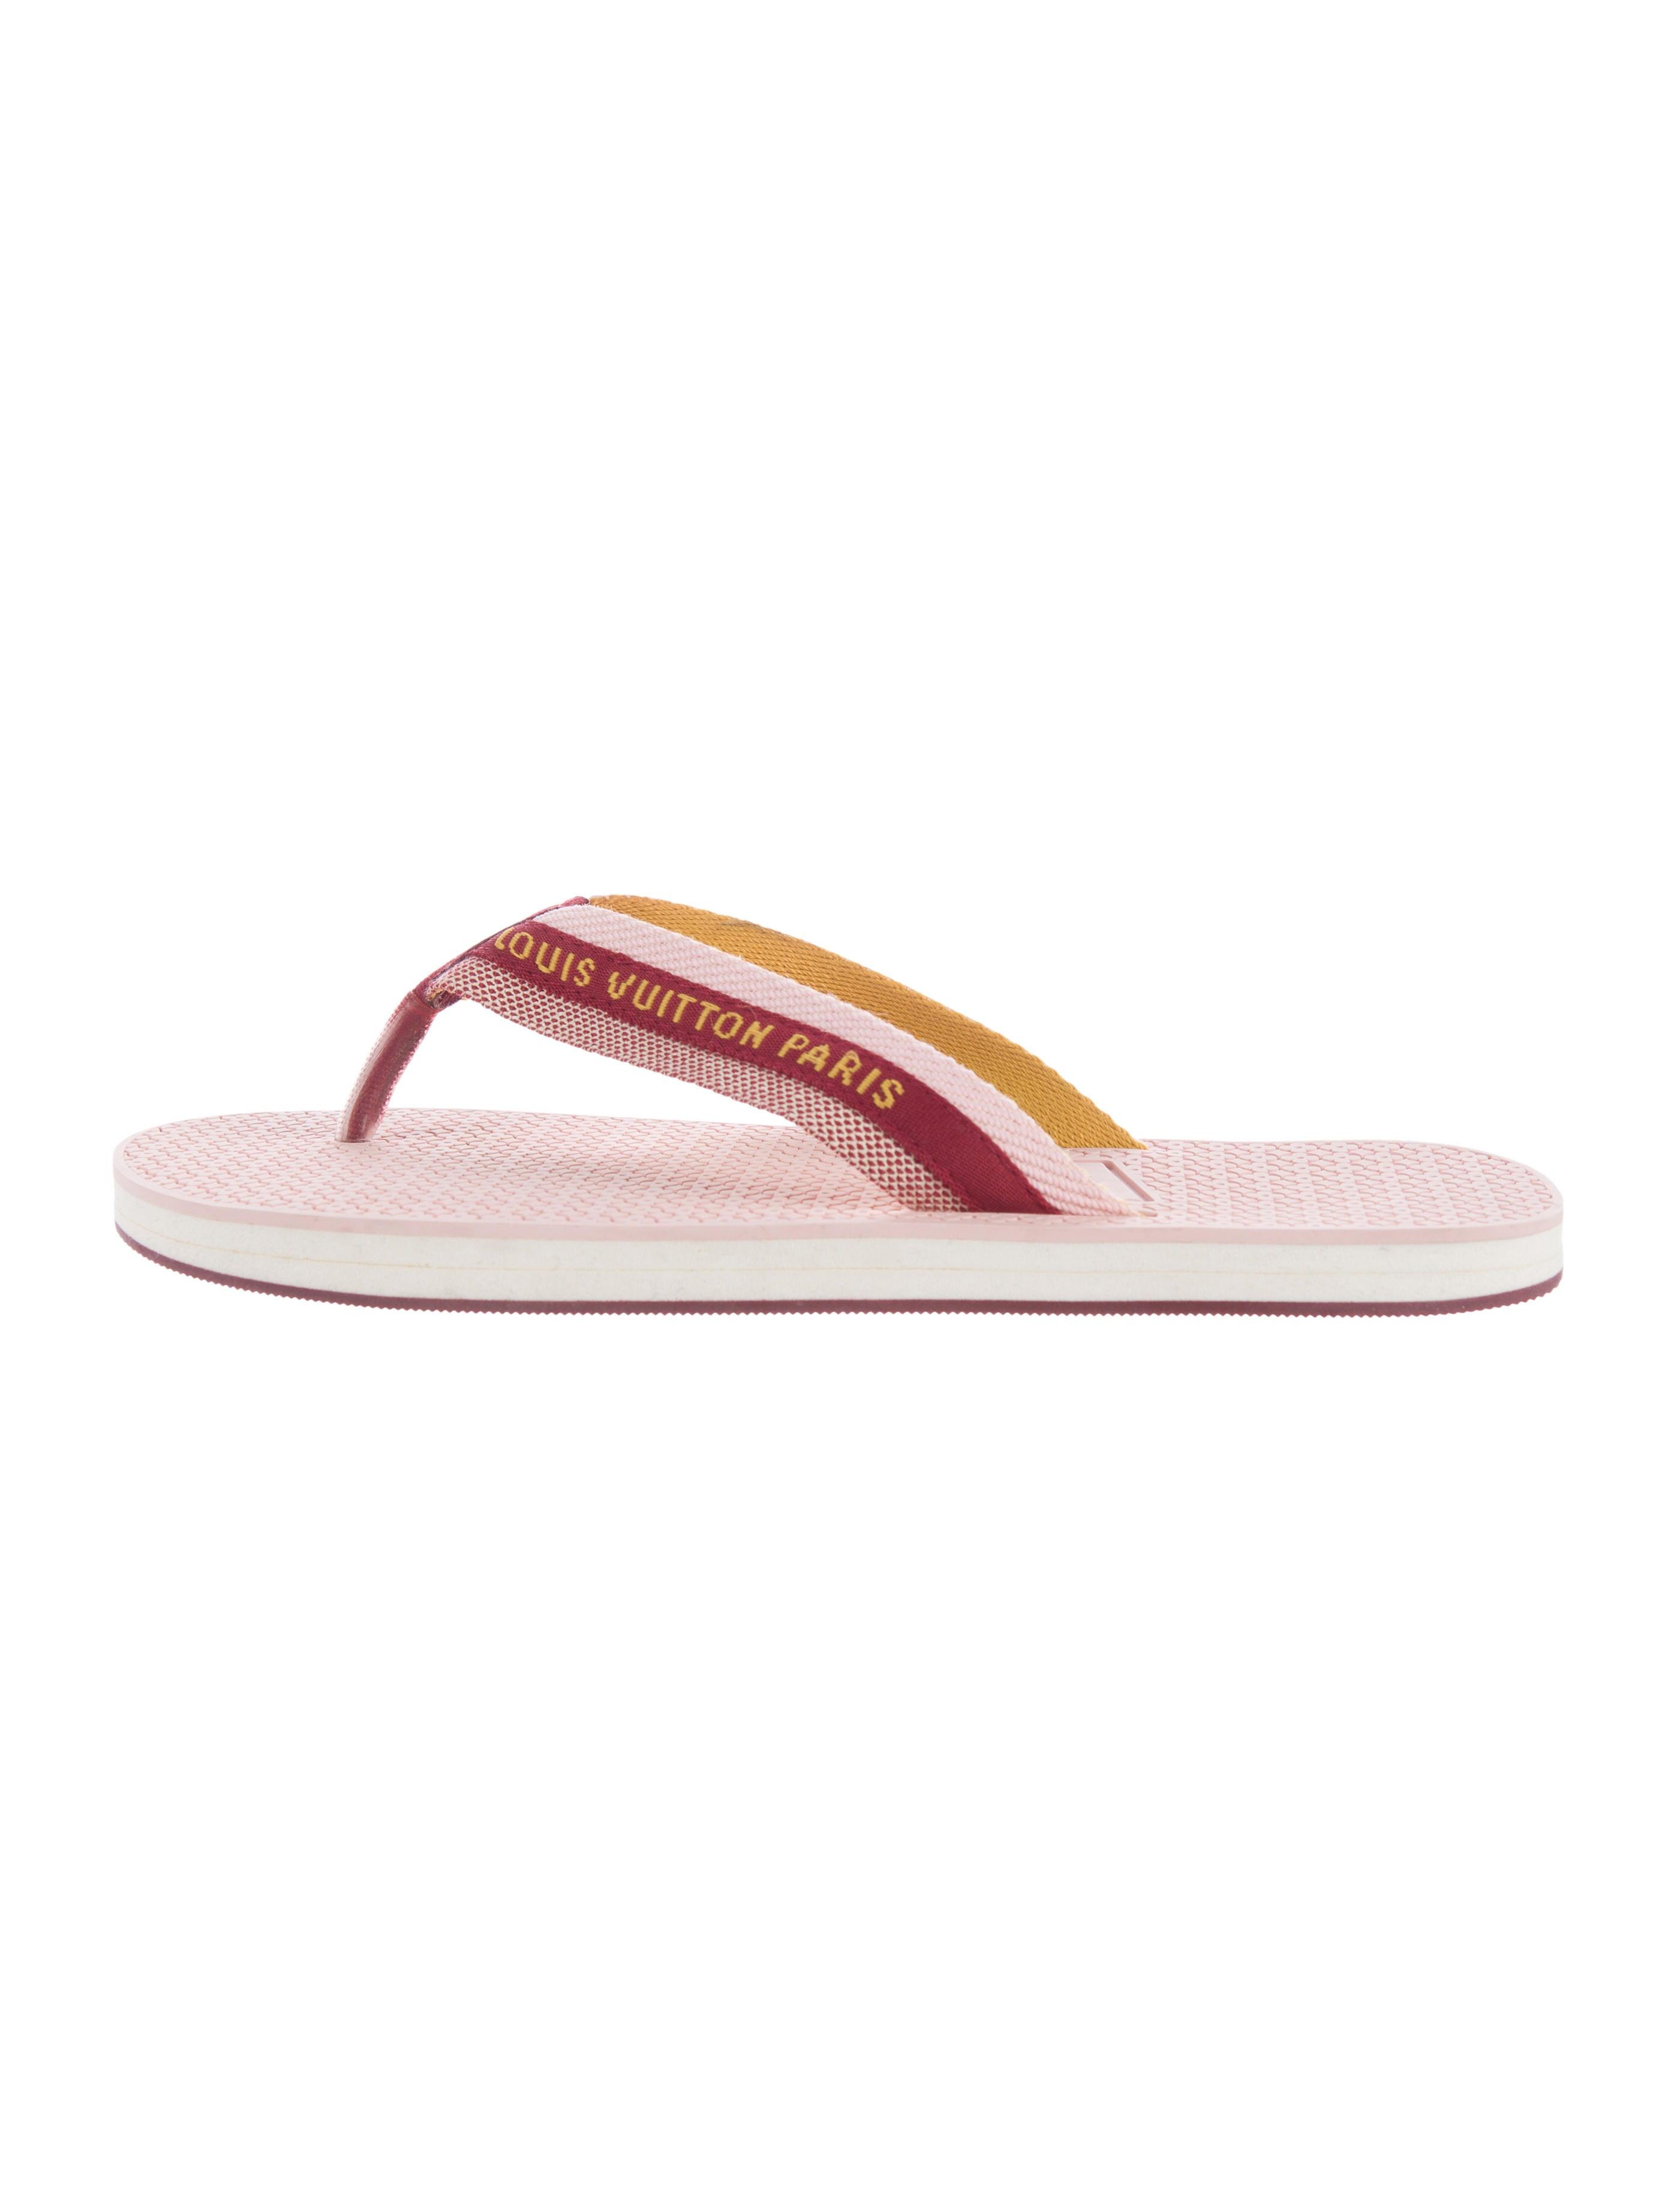 louis vuitton canvas slide sandals shoes lou106534